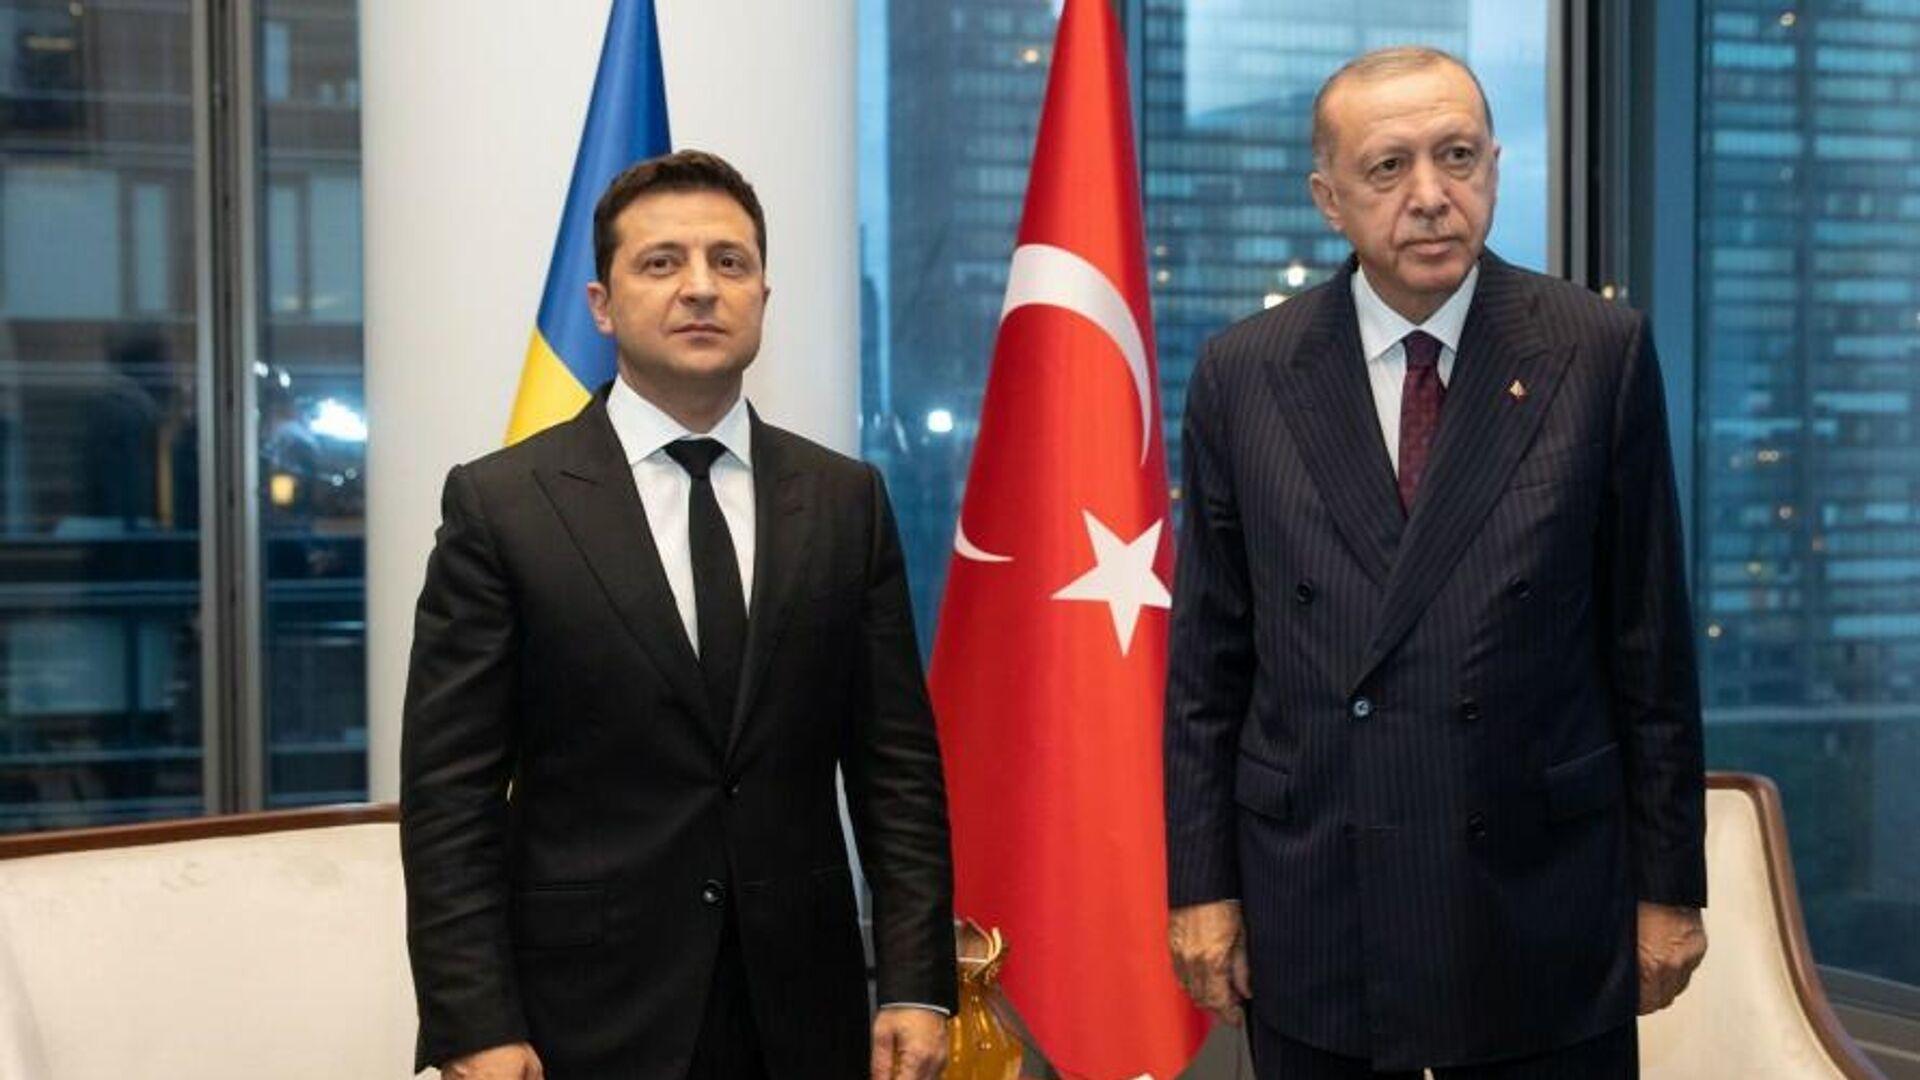 В Кремле прокомментировали заявления Эрдогана по Крыму